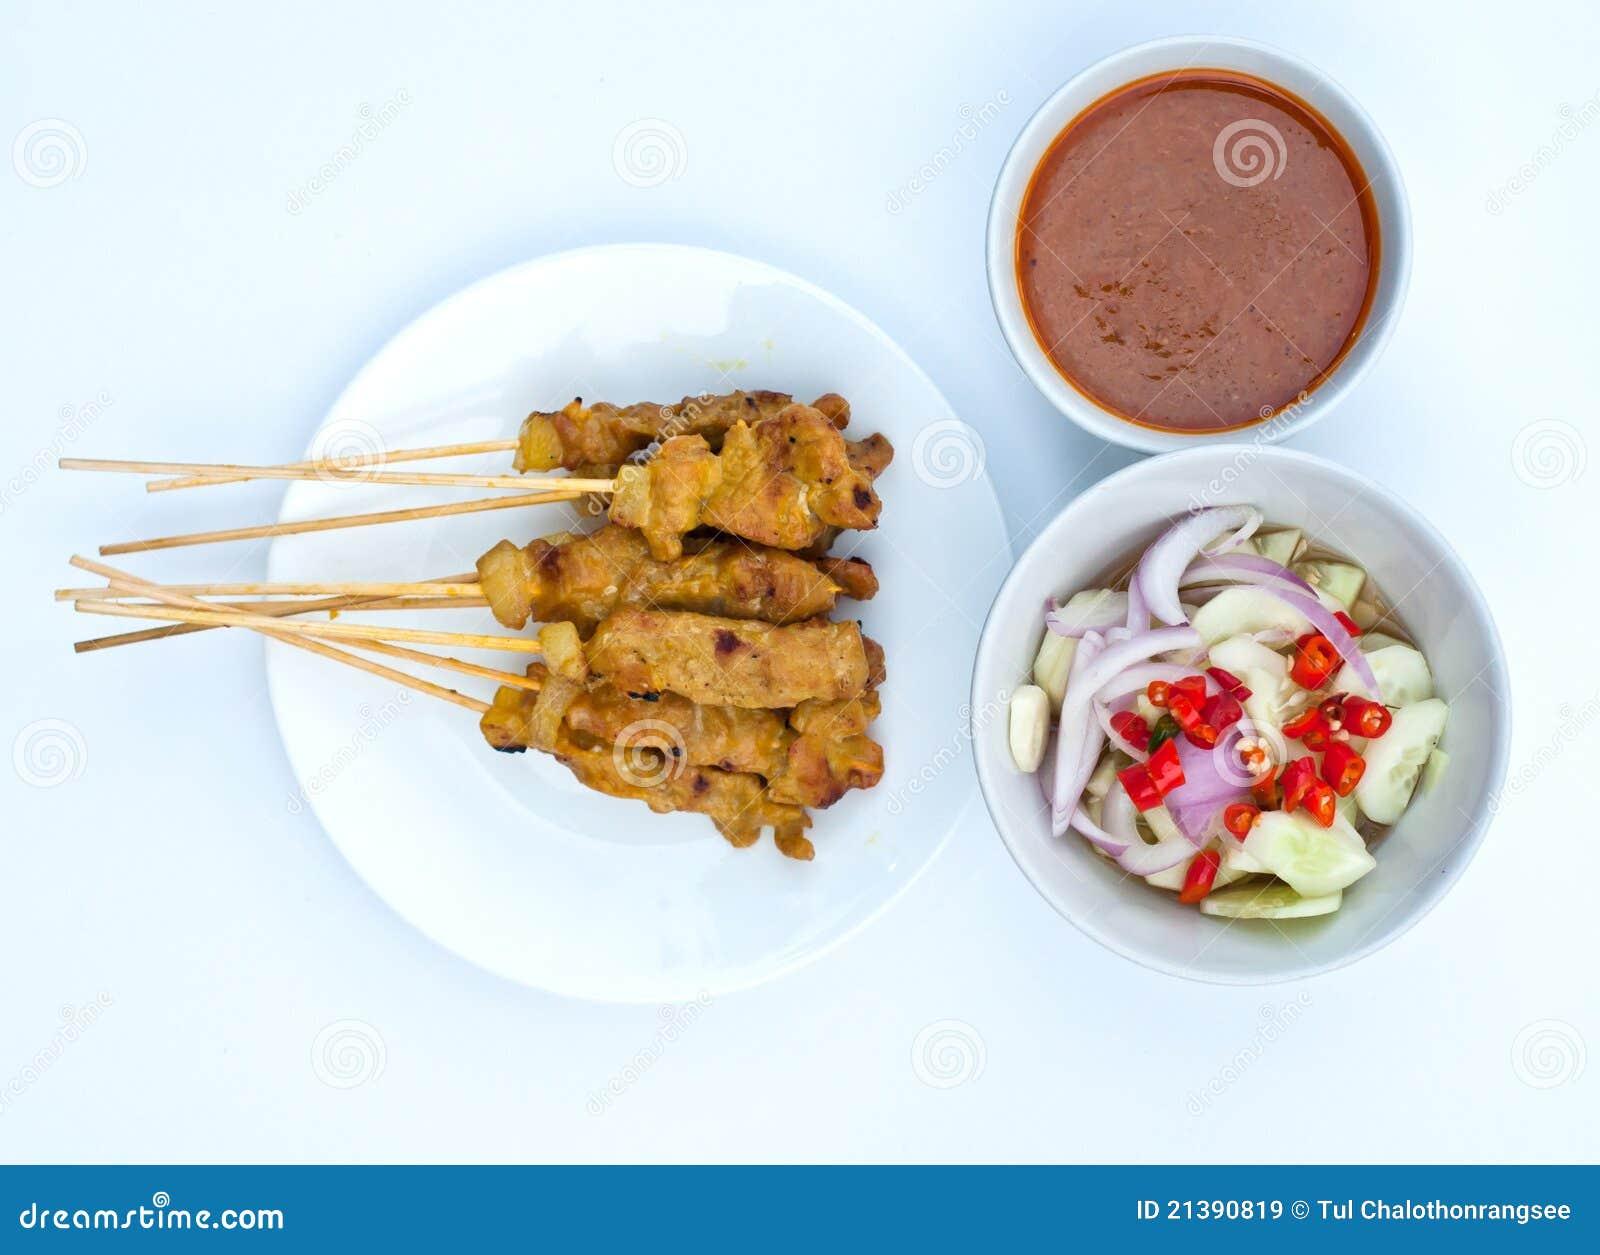 Satay pork